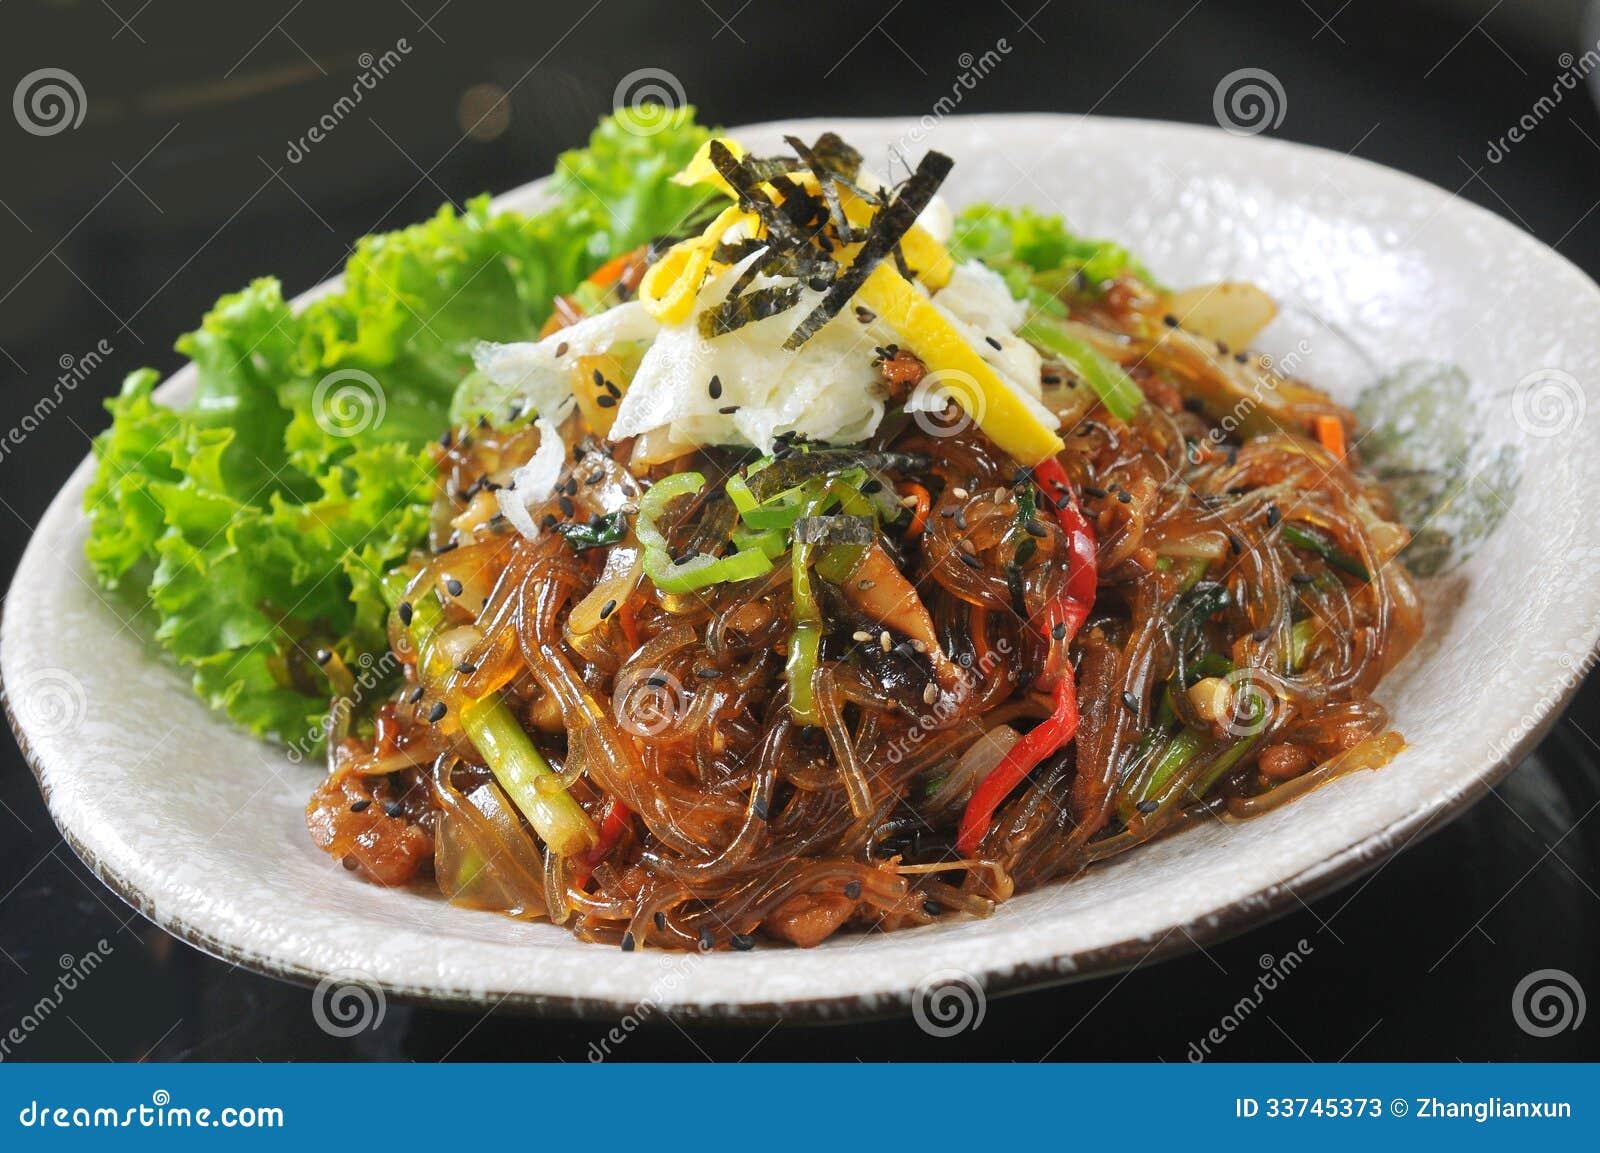 koreanische küche stockfotos - bild: 33745373